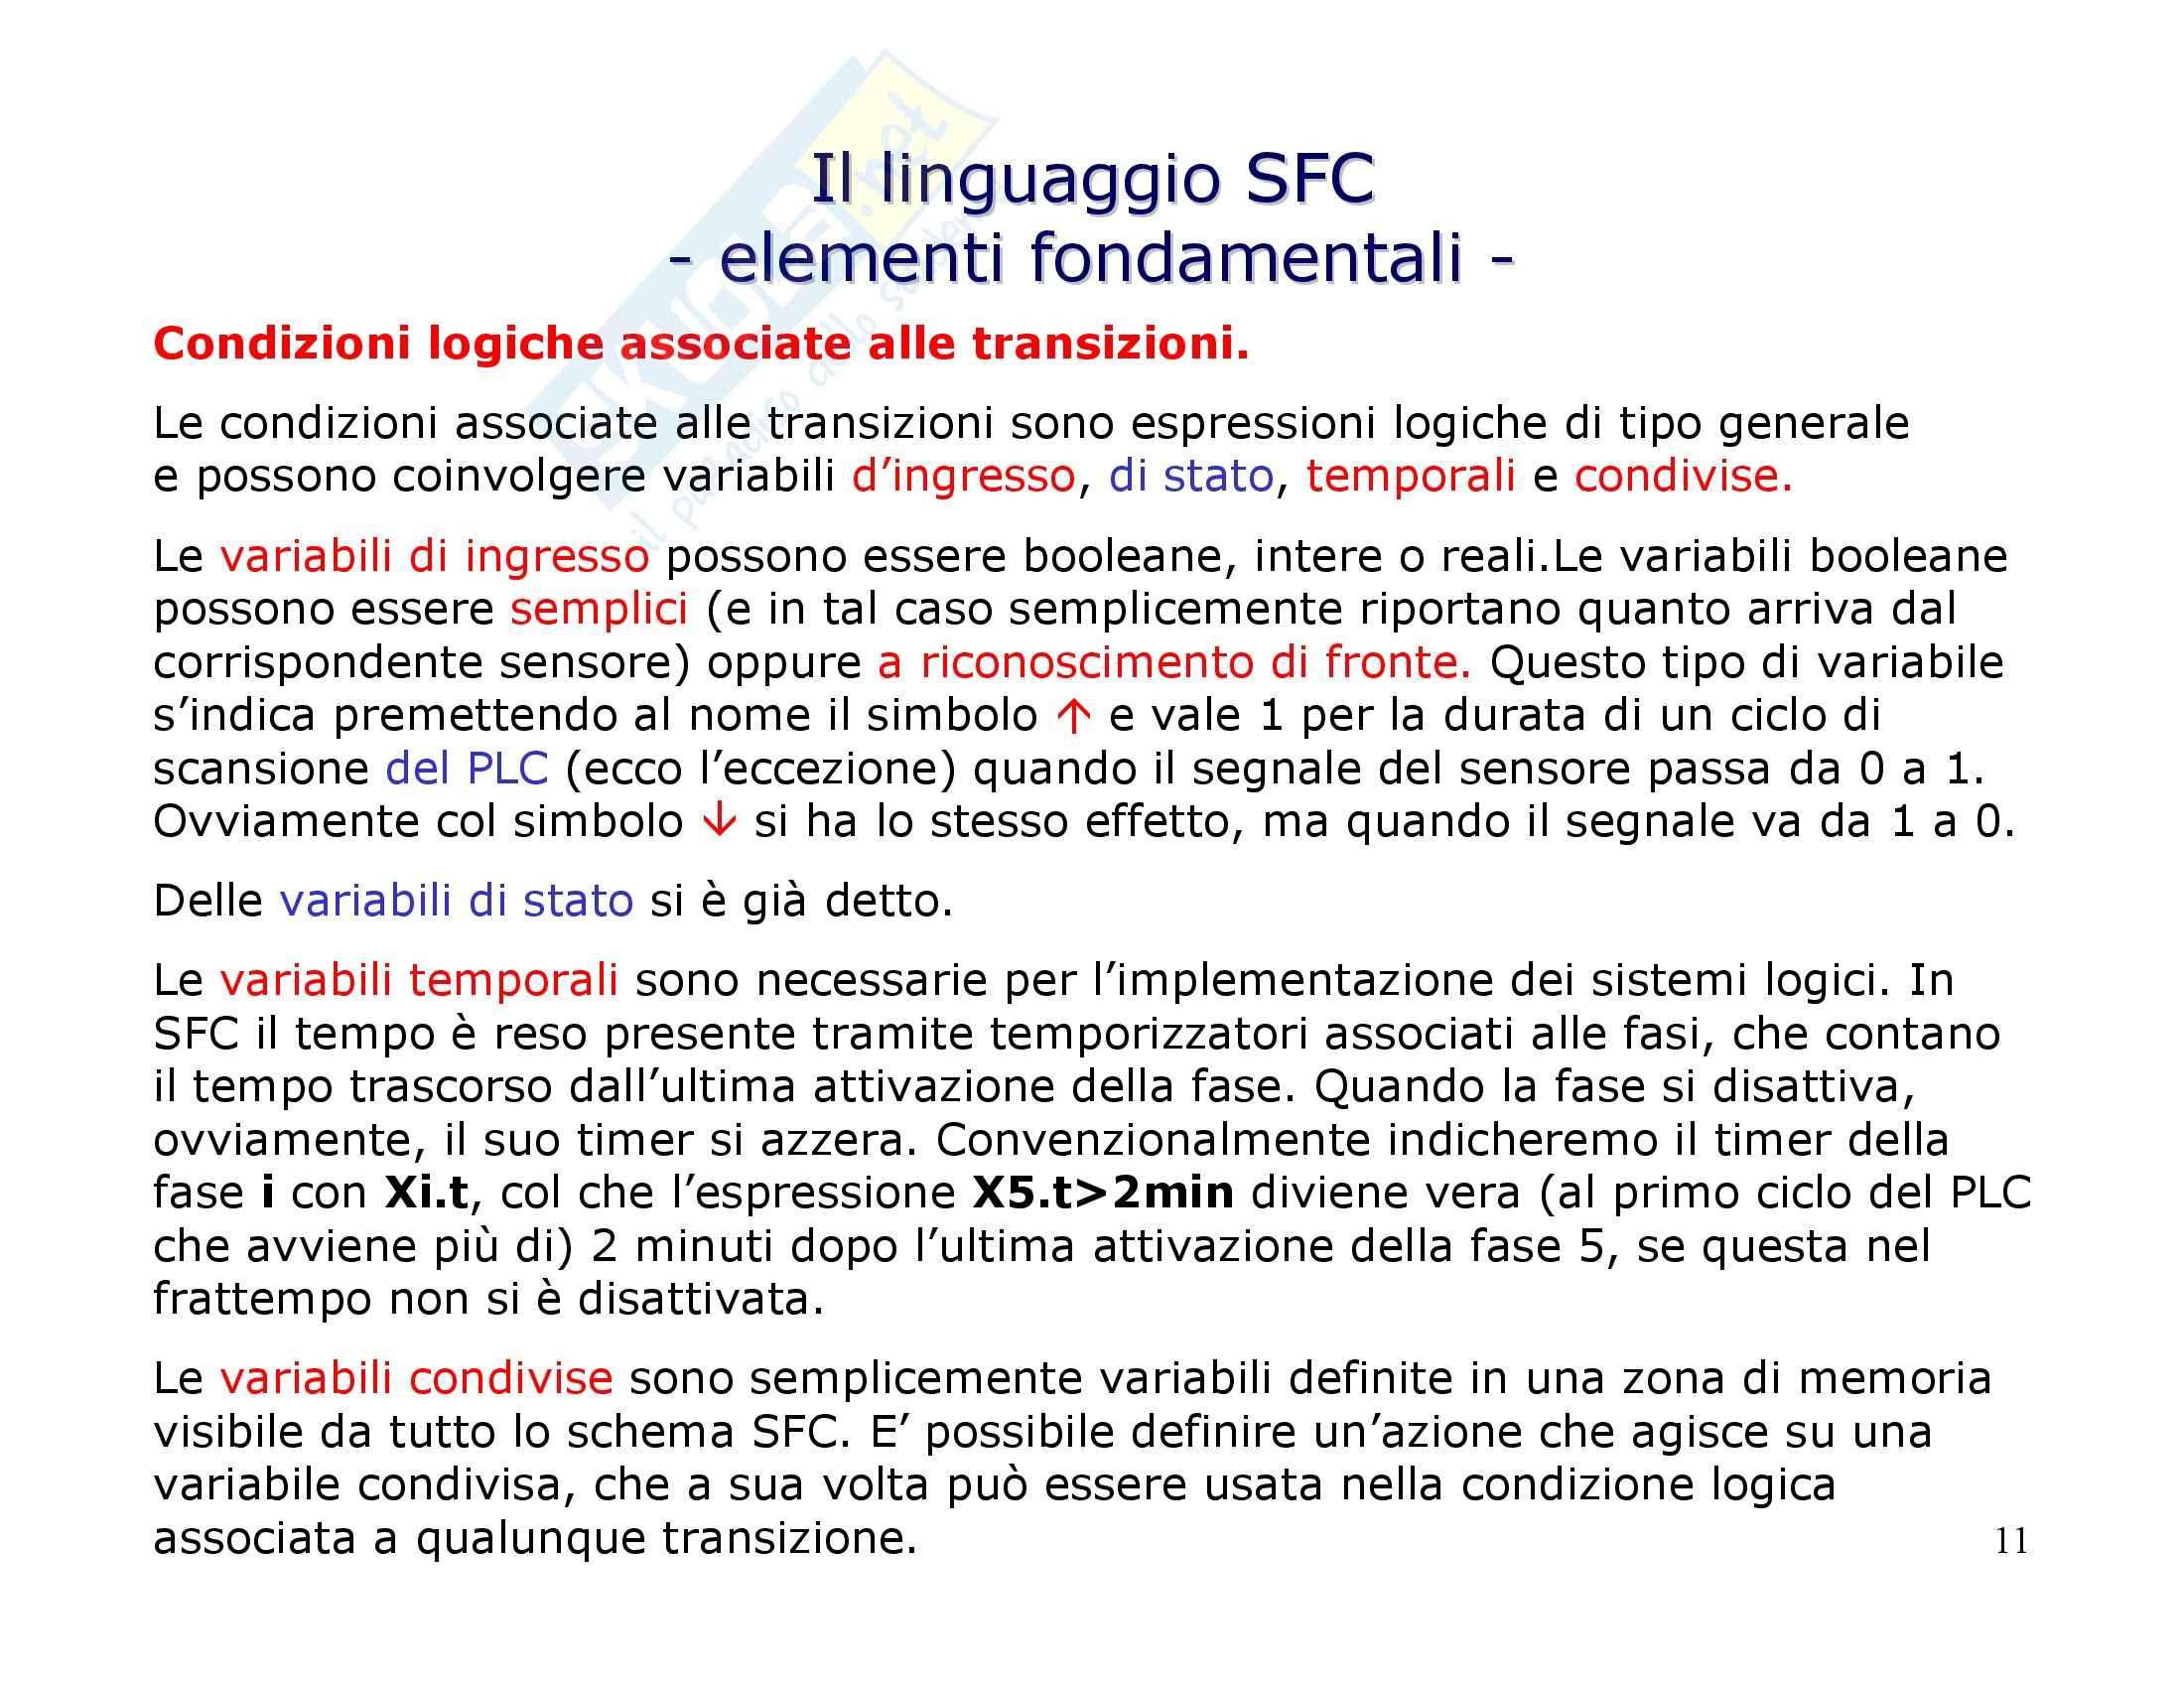 Linguaggio SFC Pag. 11